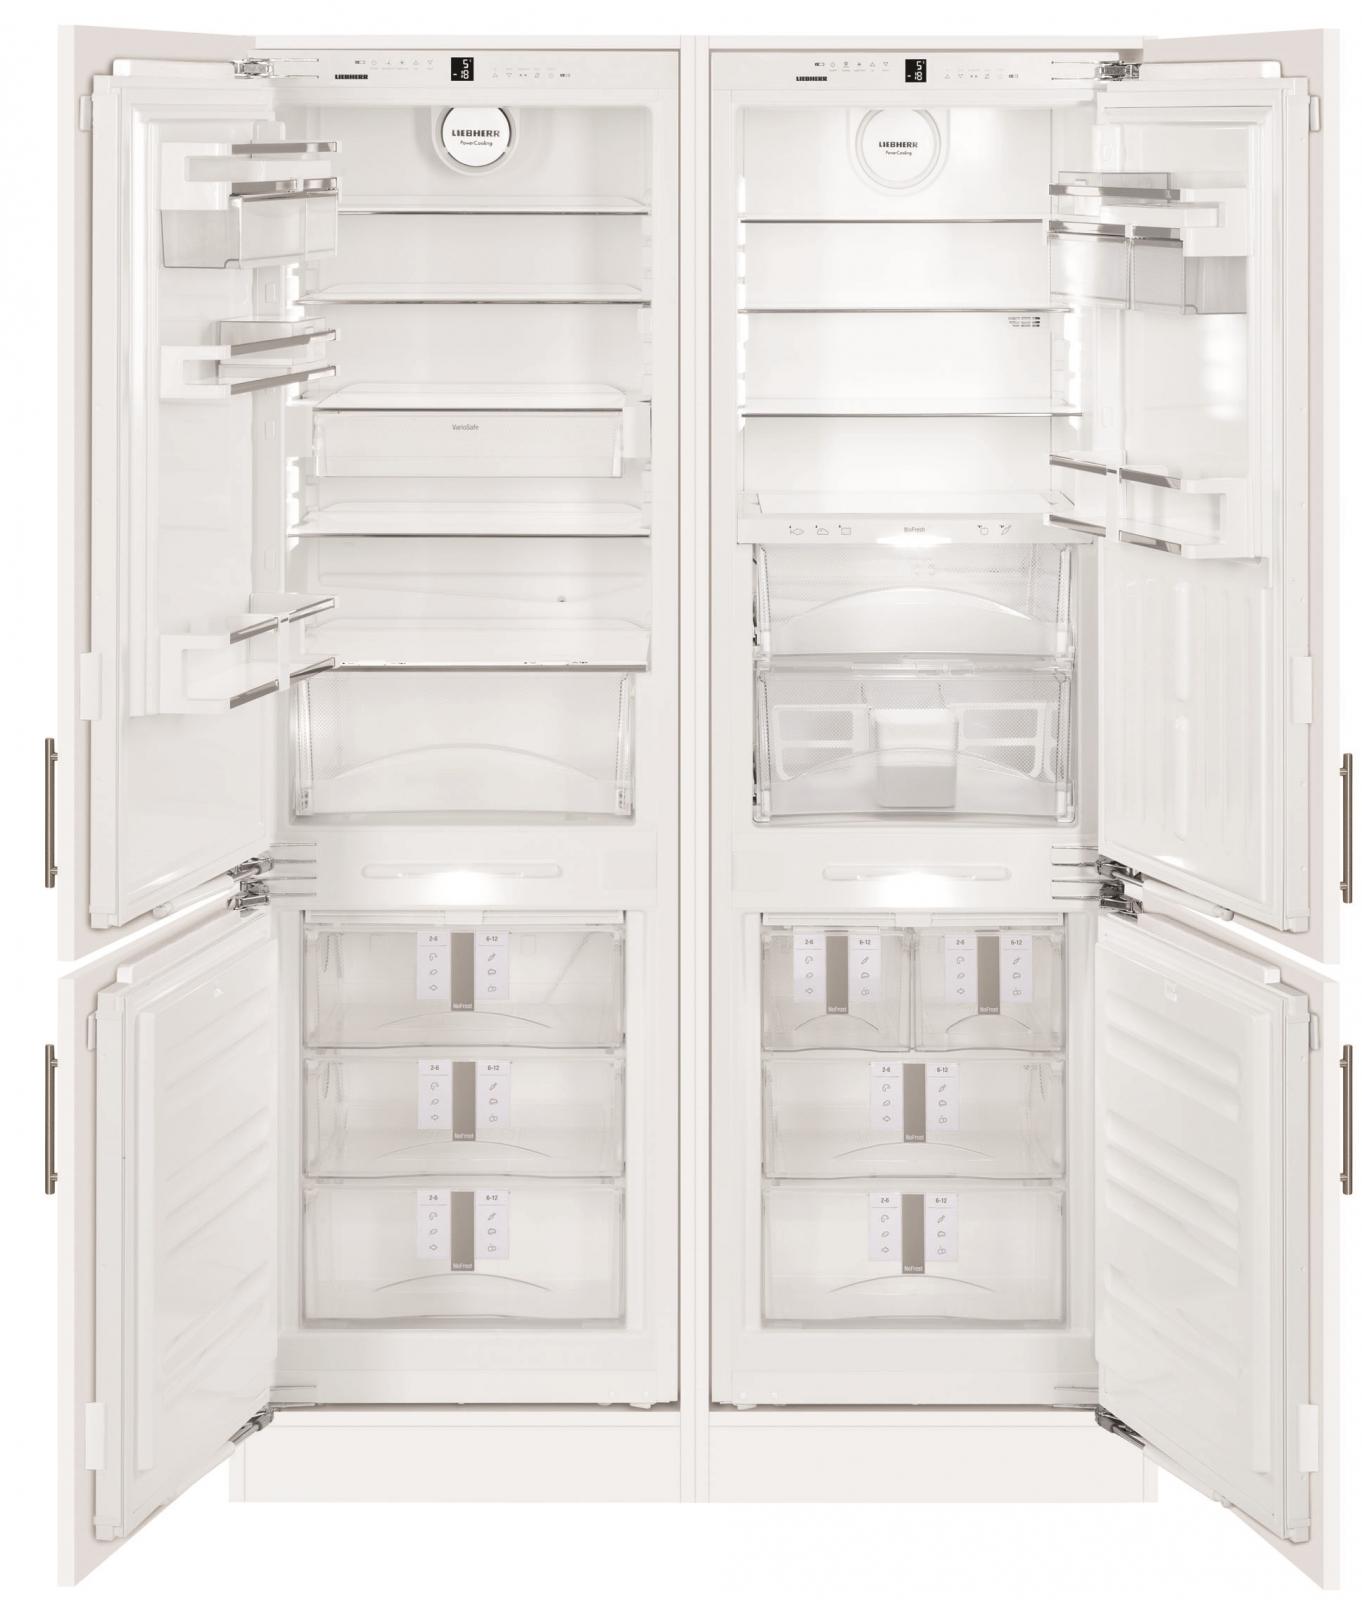 купить Встраиваемый  холодильник Side-by-side Liebherr SBS 66I3 Украина фото 2